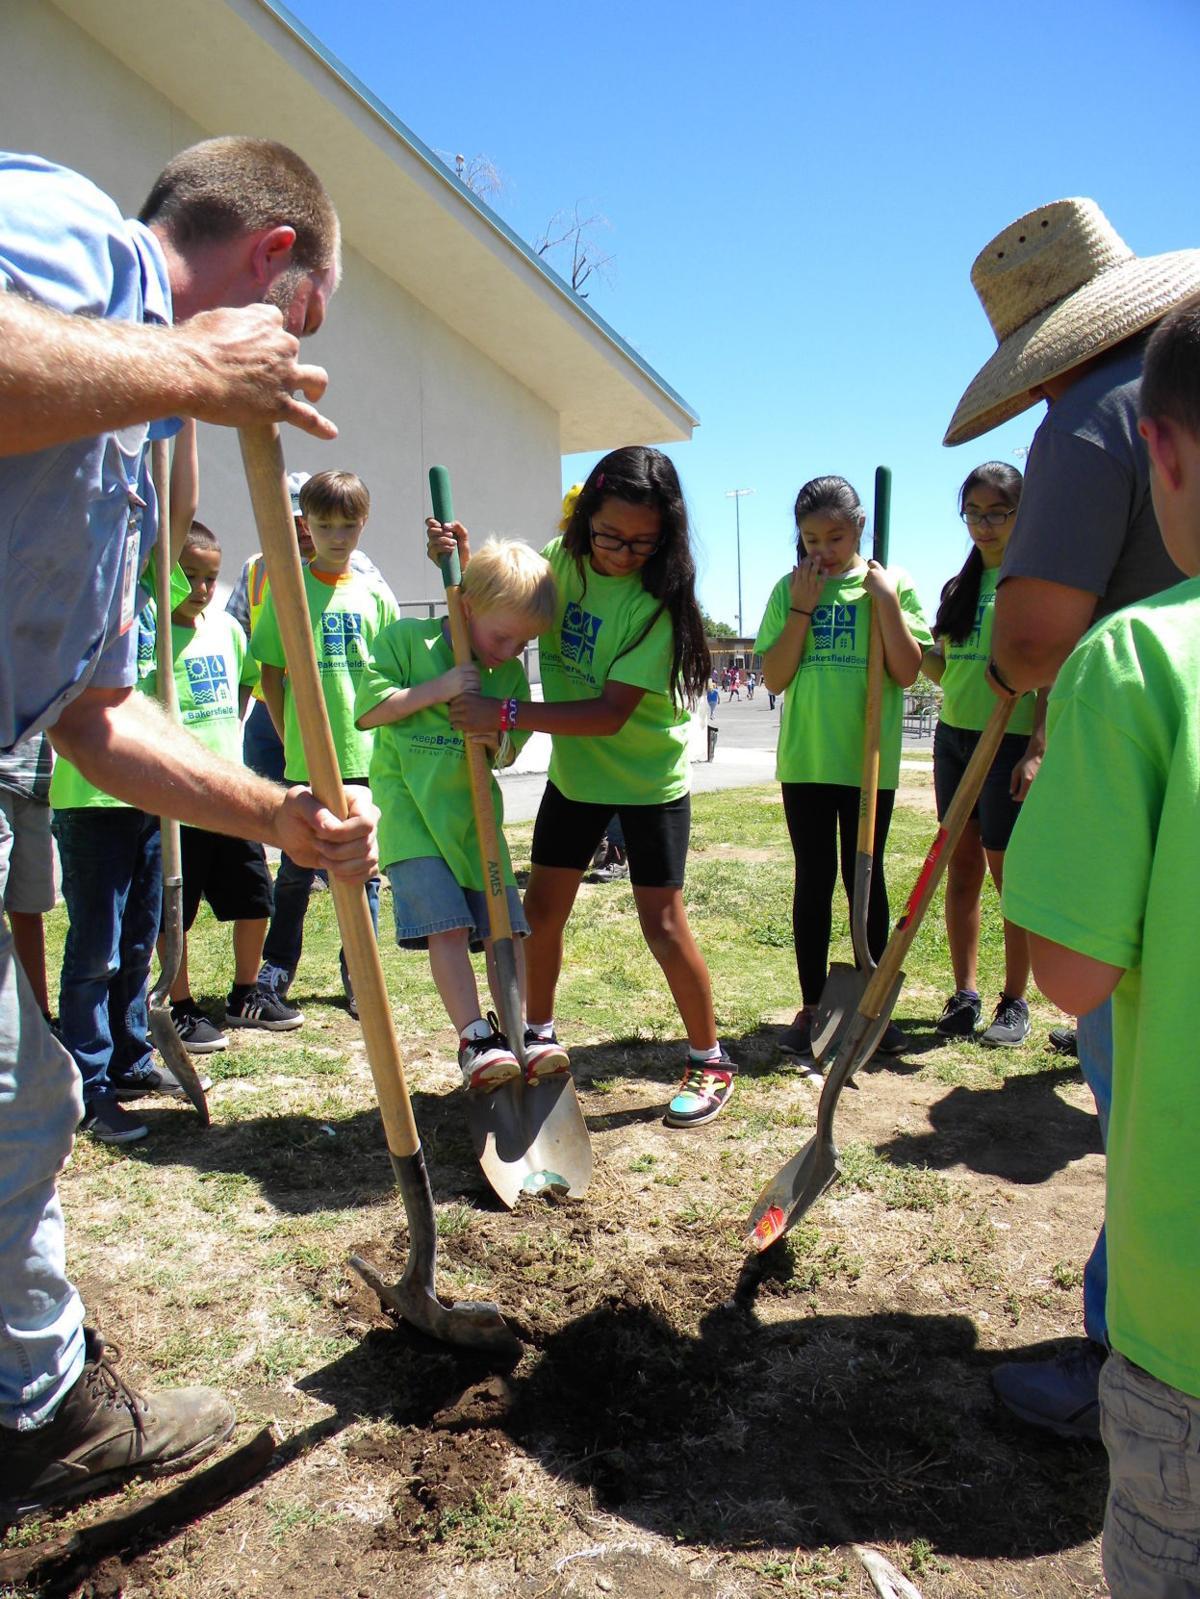 Children and shovels